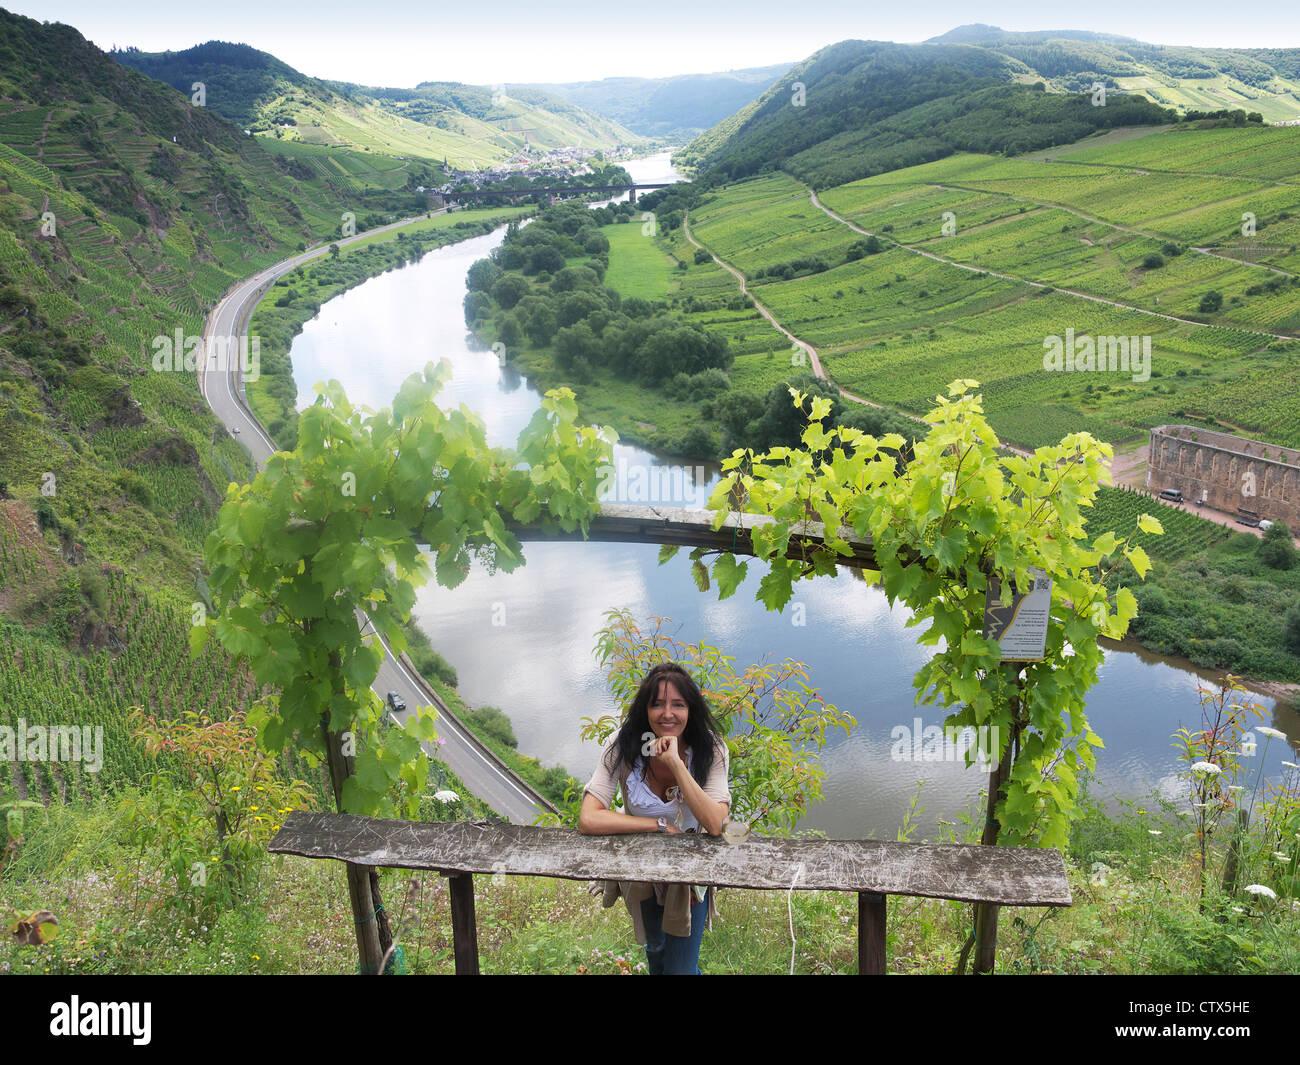 Klettersteig Calmont : Frau ruht auf calmont klettersteig im moseltal bremm rheinland